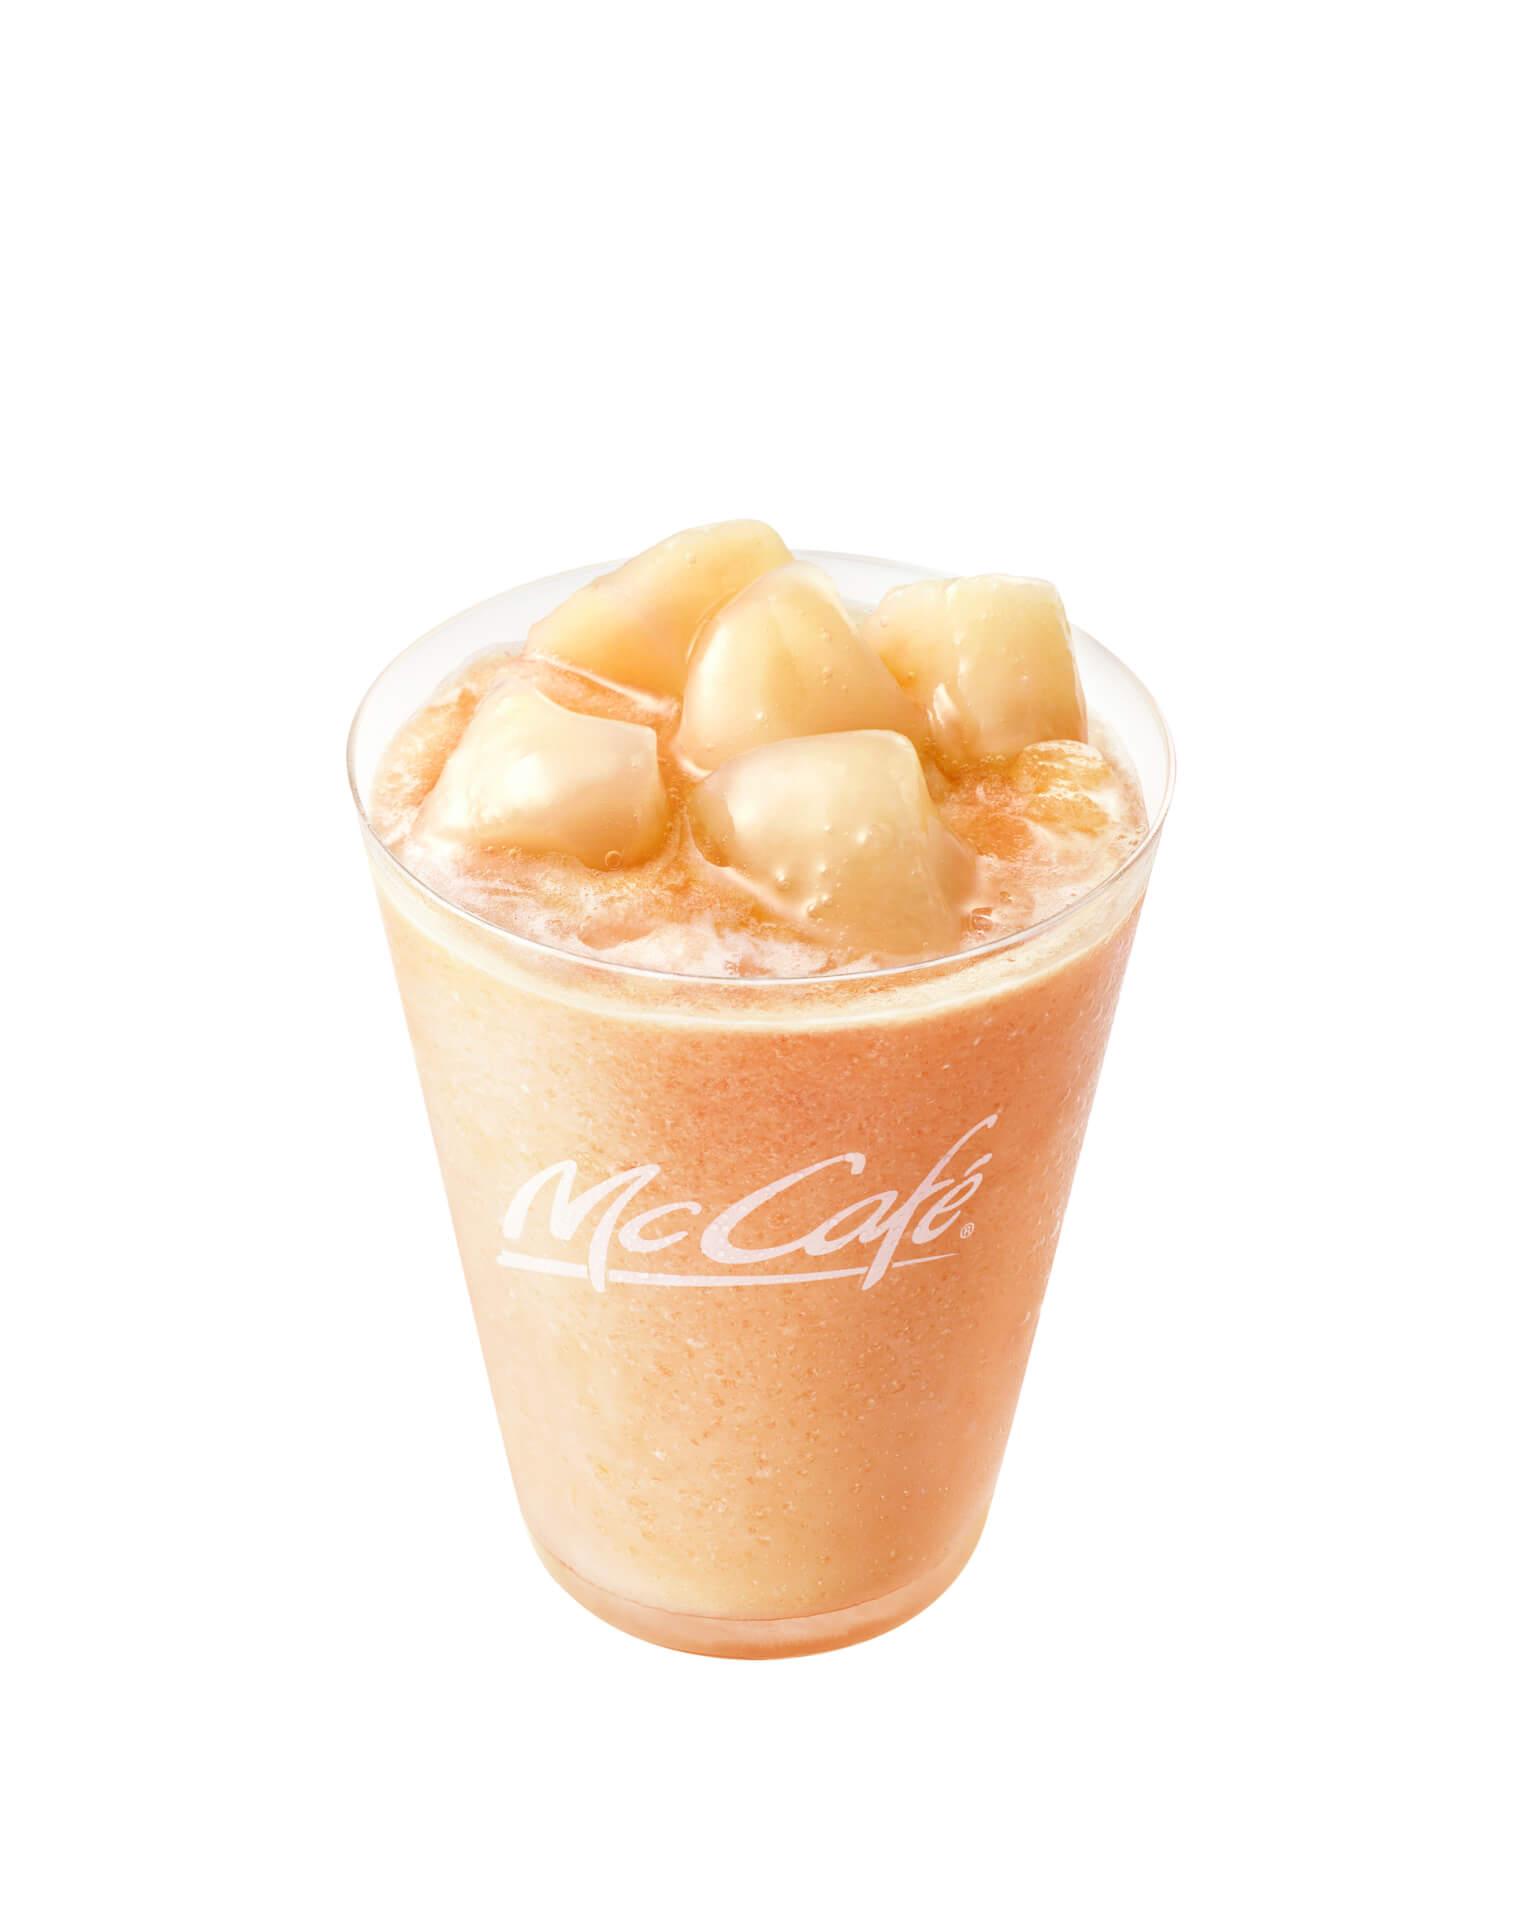 マクドナルドのMcCafé by Baristaに夏気分を先取りできる「桃のスムージー」が再登場! gourmet200513_mcdonald_momo_5